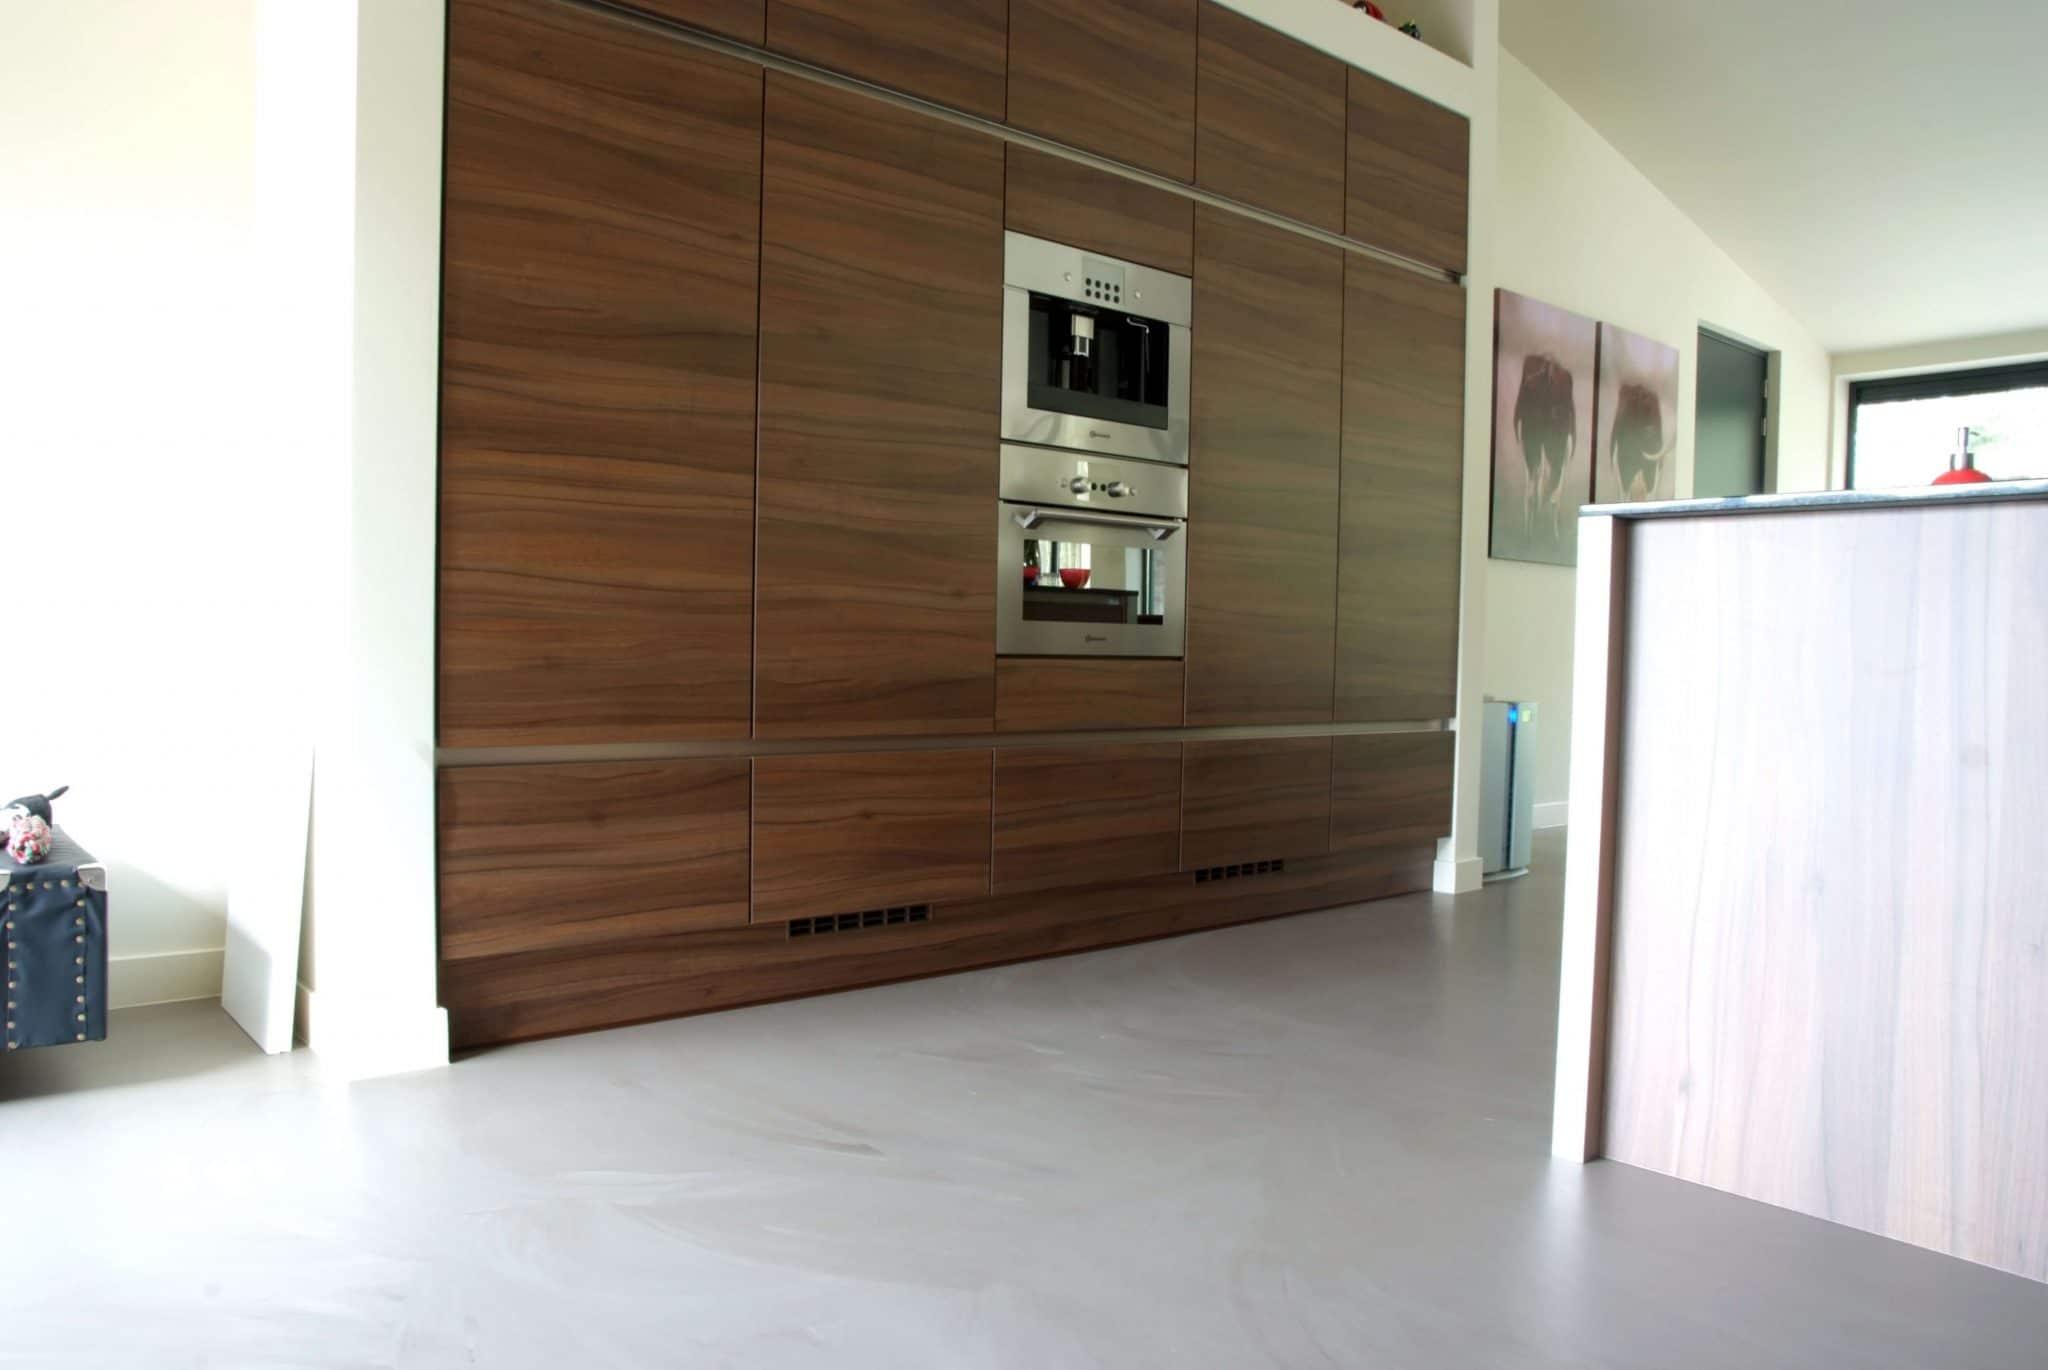 Gietvloer betonlook alkmaar praktisch design in huis met